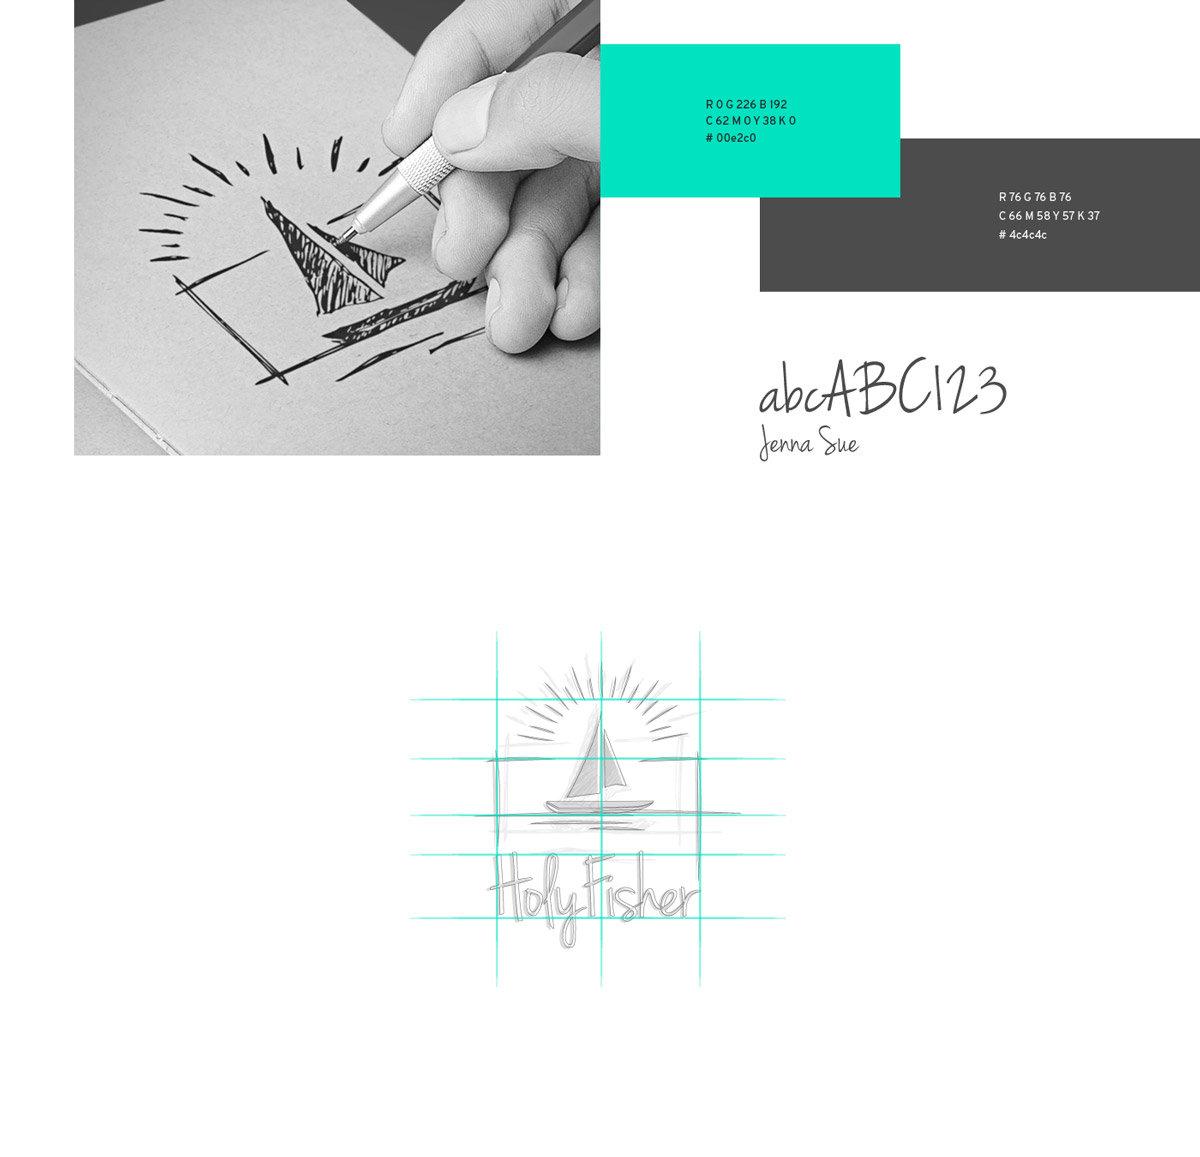 Holyfisher desenho da marca